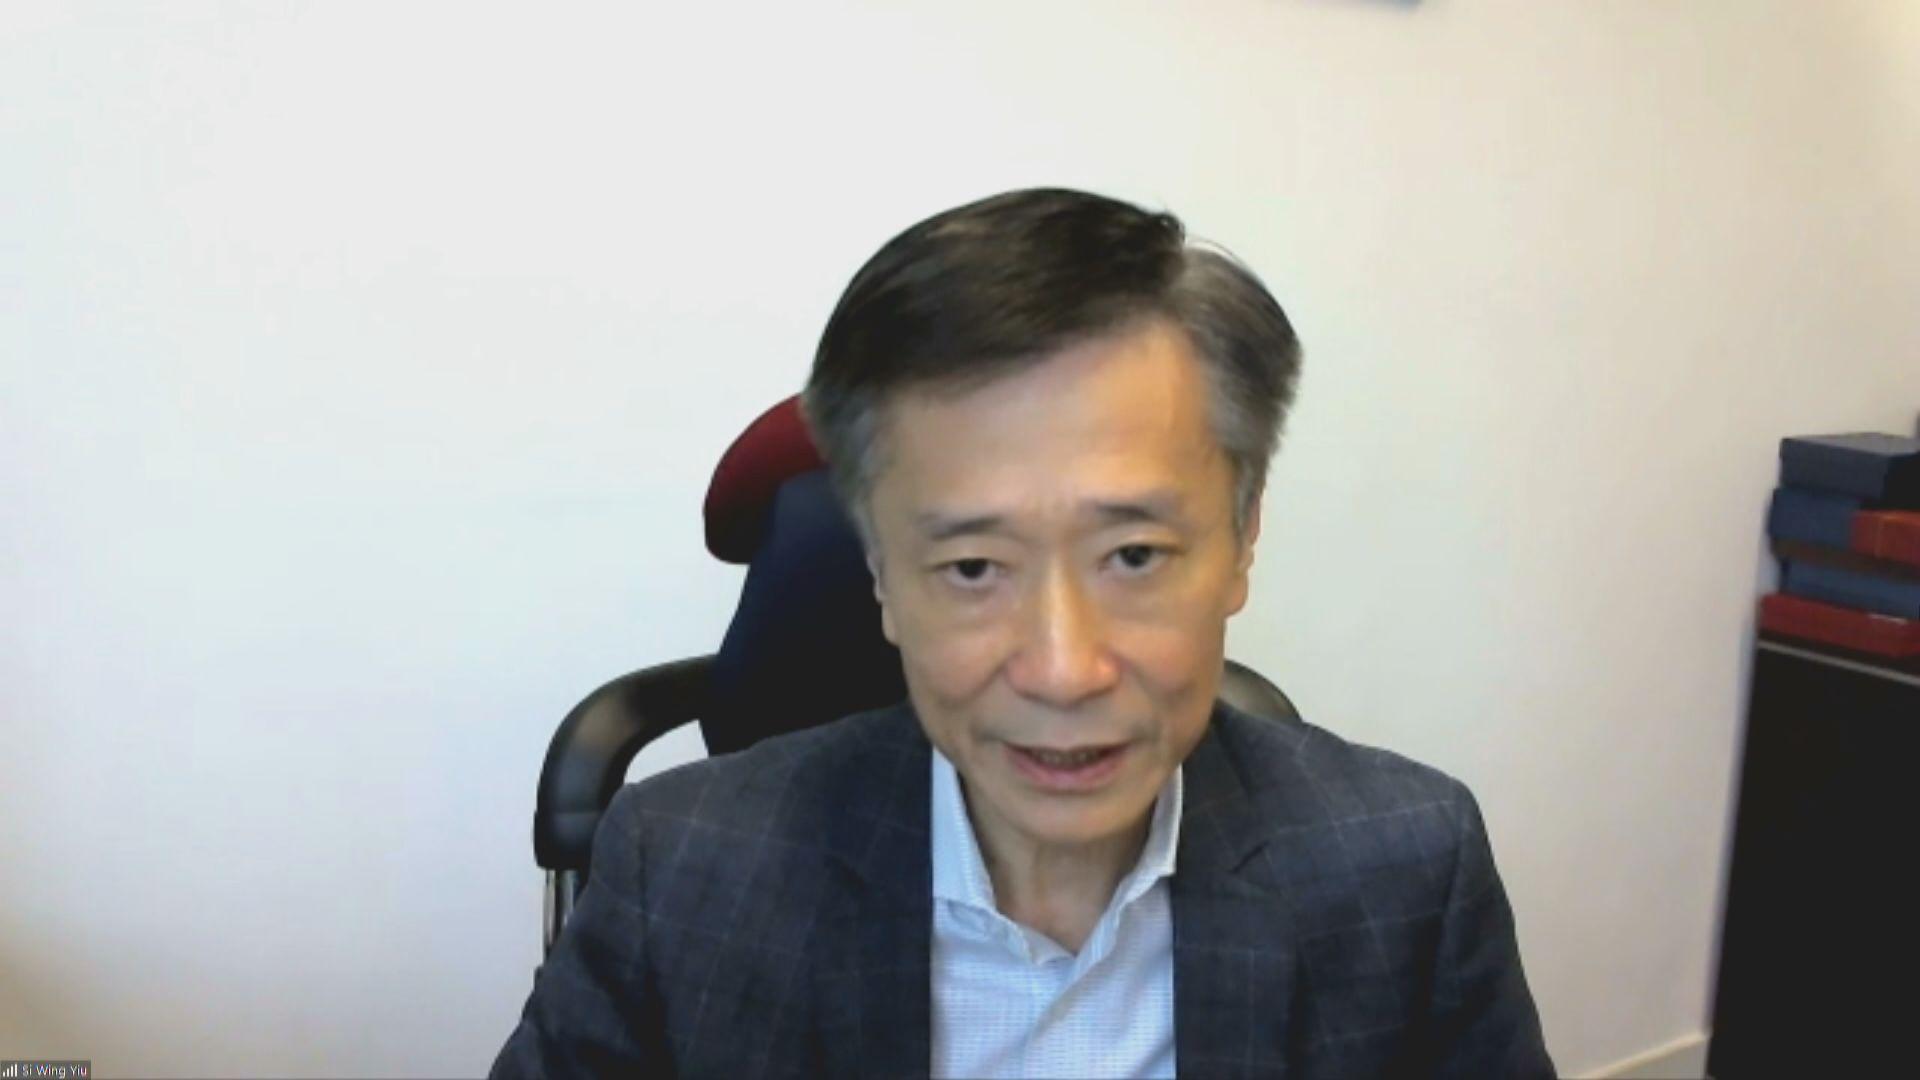 姚思榮:政府長遠應檢討主題樂園經營模式